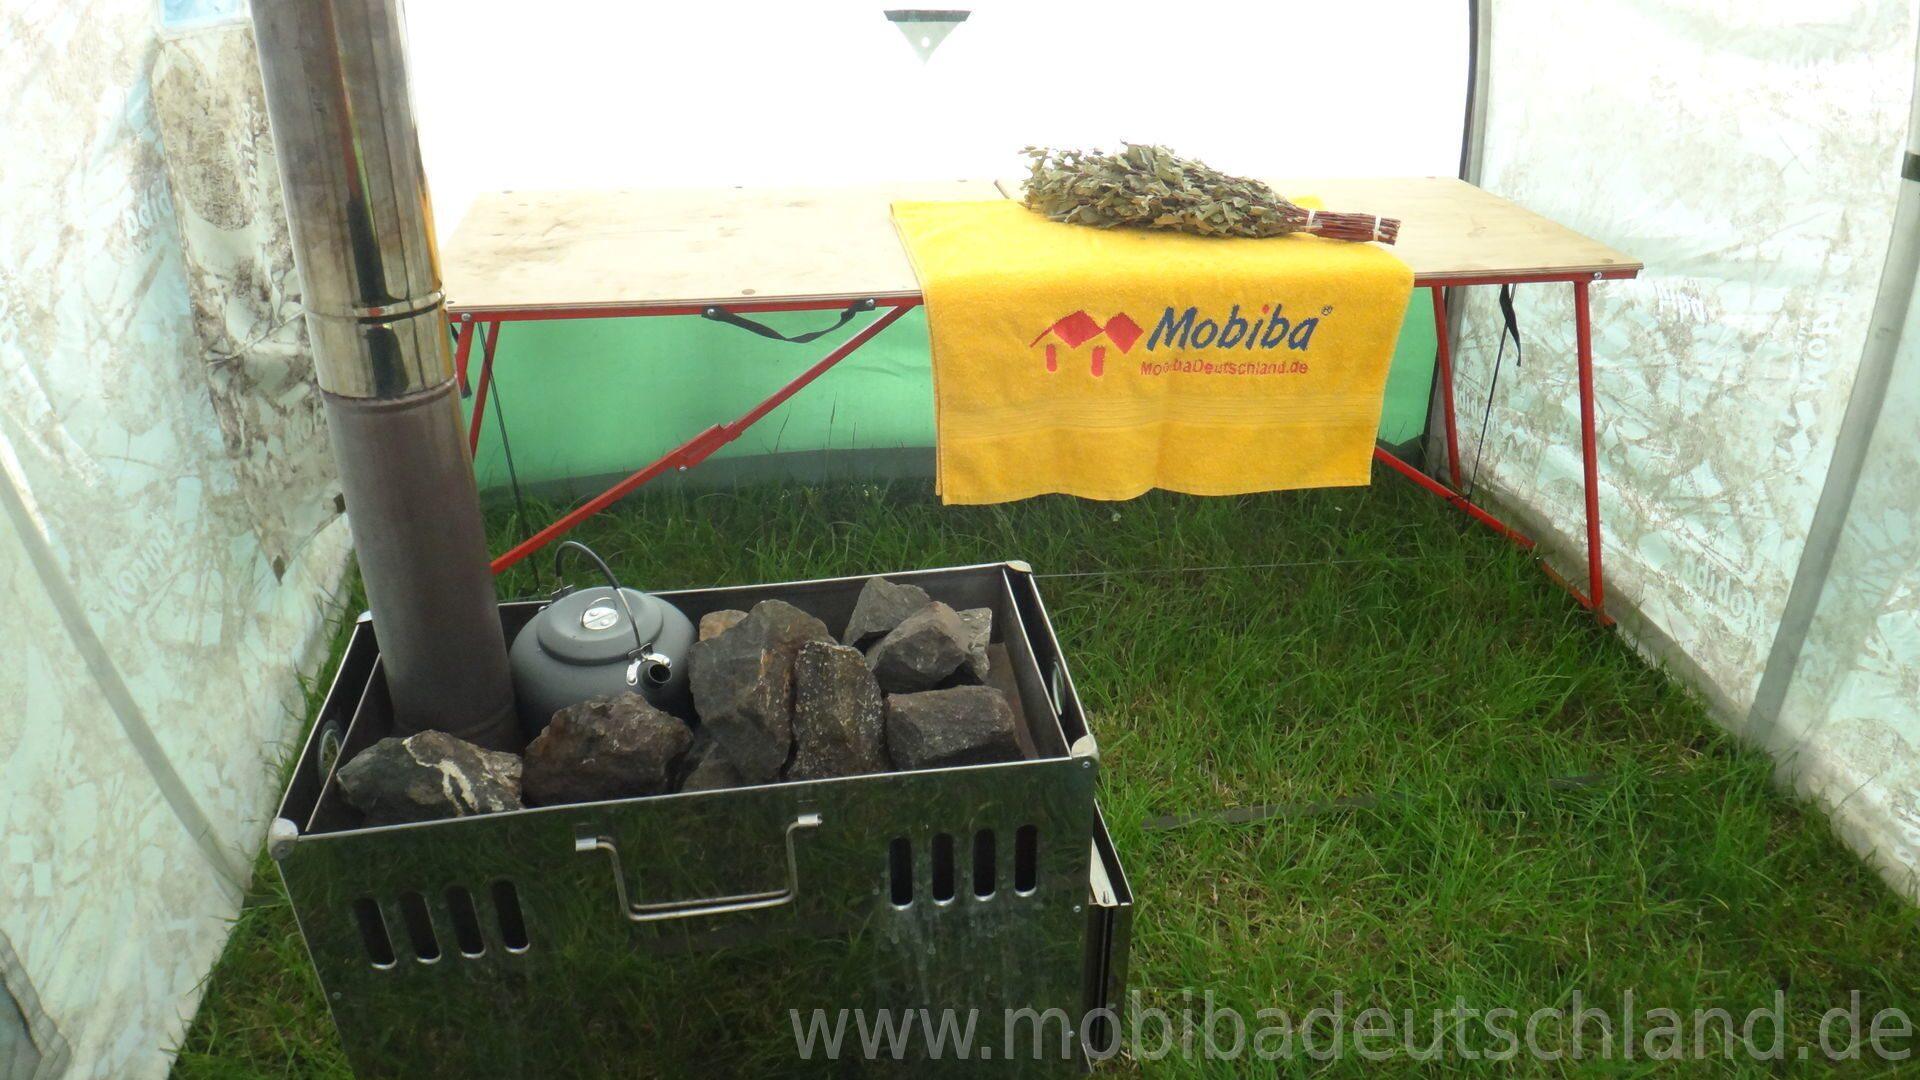 mobile sauna mobiba mb 104 mit holzofen mediana preise. Black Bedroom Furniture Sets. Home Design Ideas